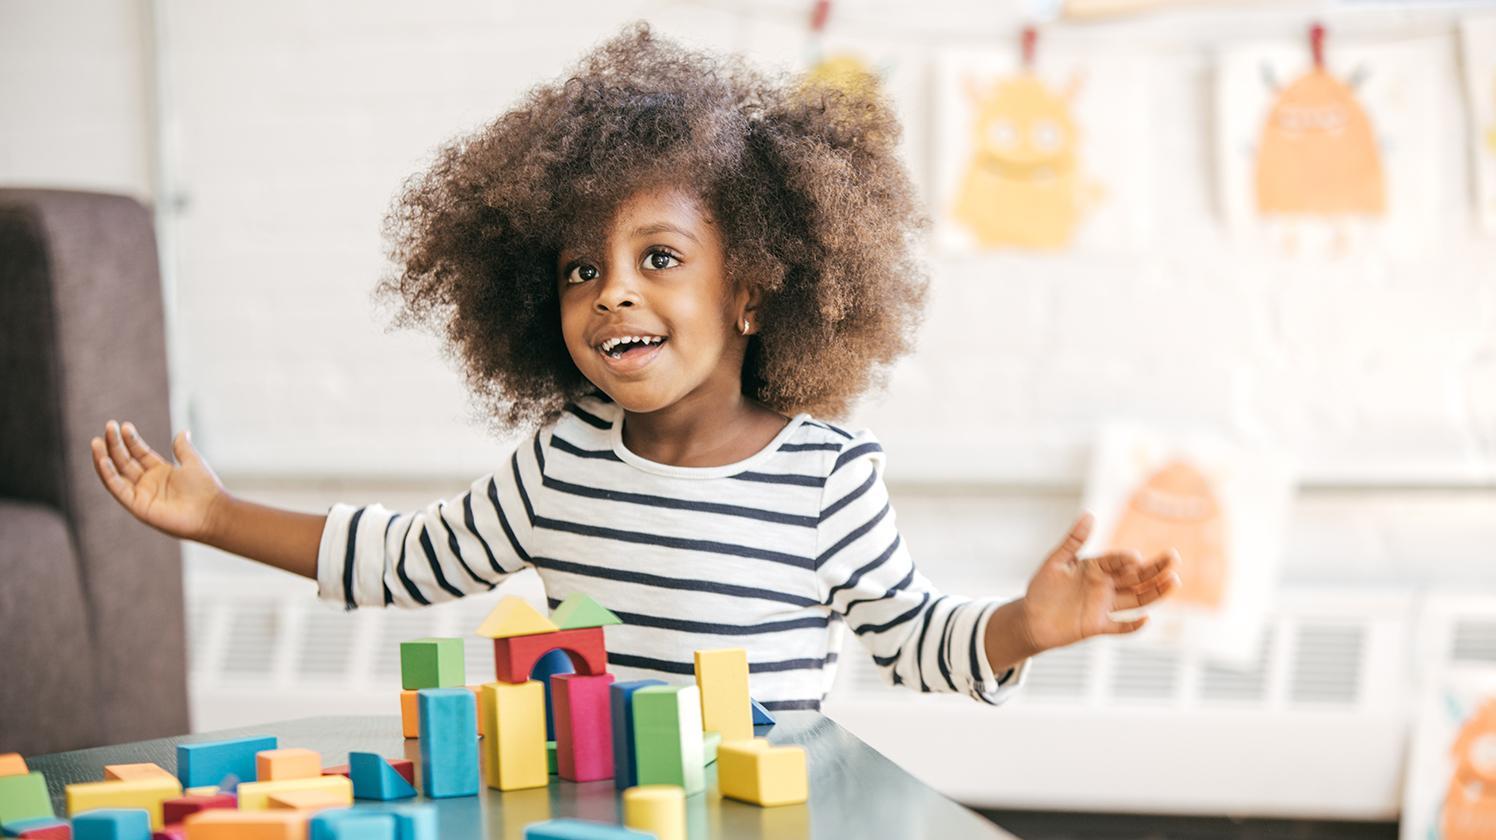 Fontaine à eau BRITA école - garçon avec jouets